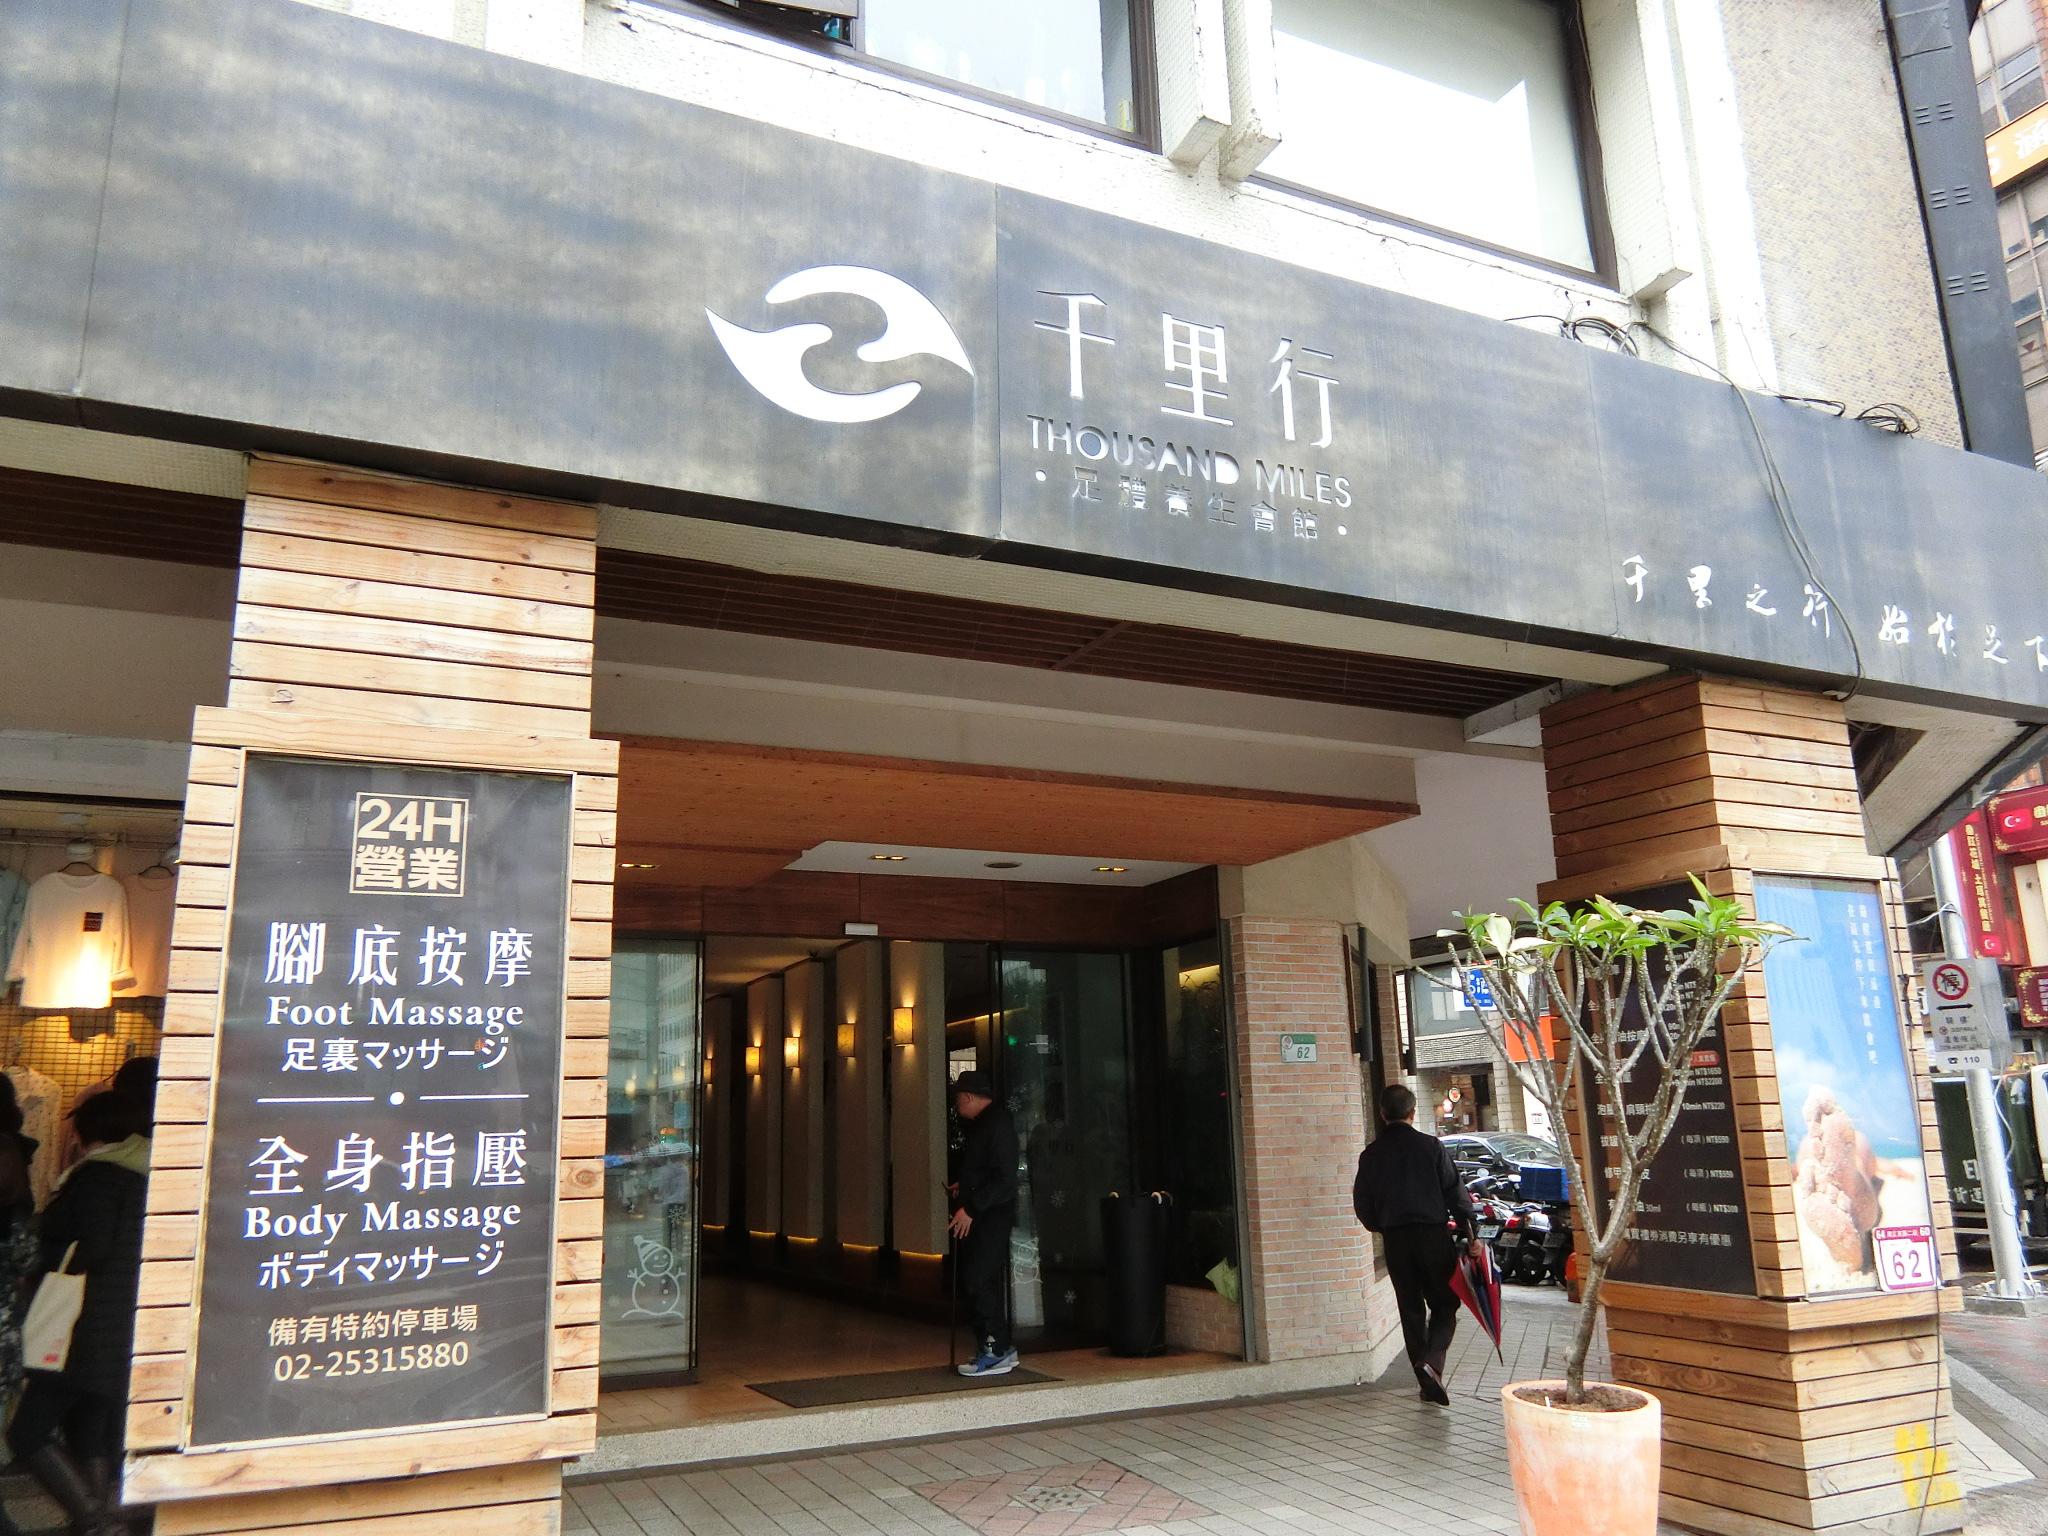 毎日が旅気分 臺北 ⑤ 千里行で140分のマッサージ